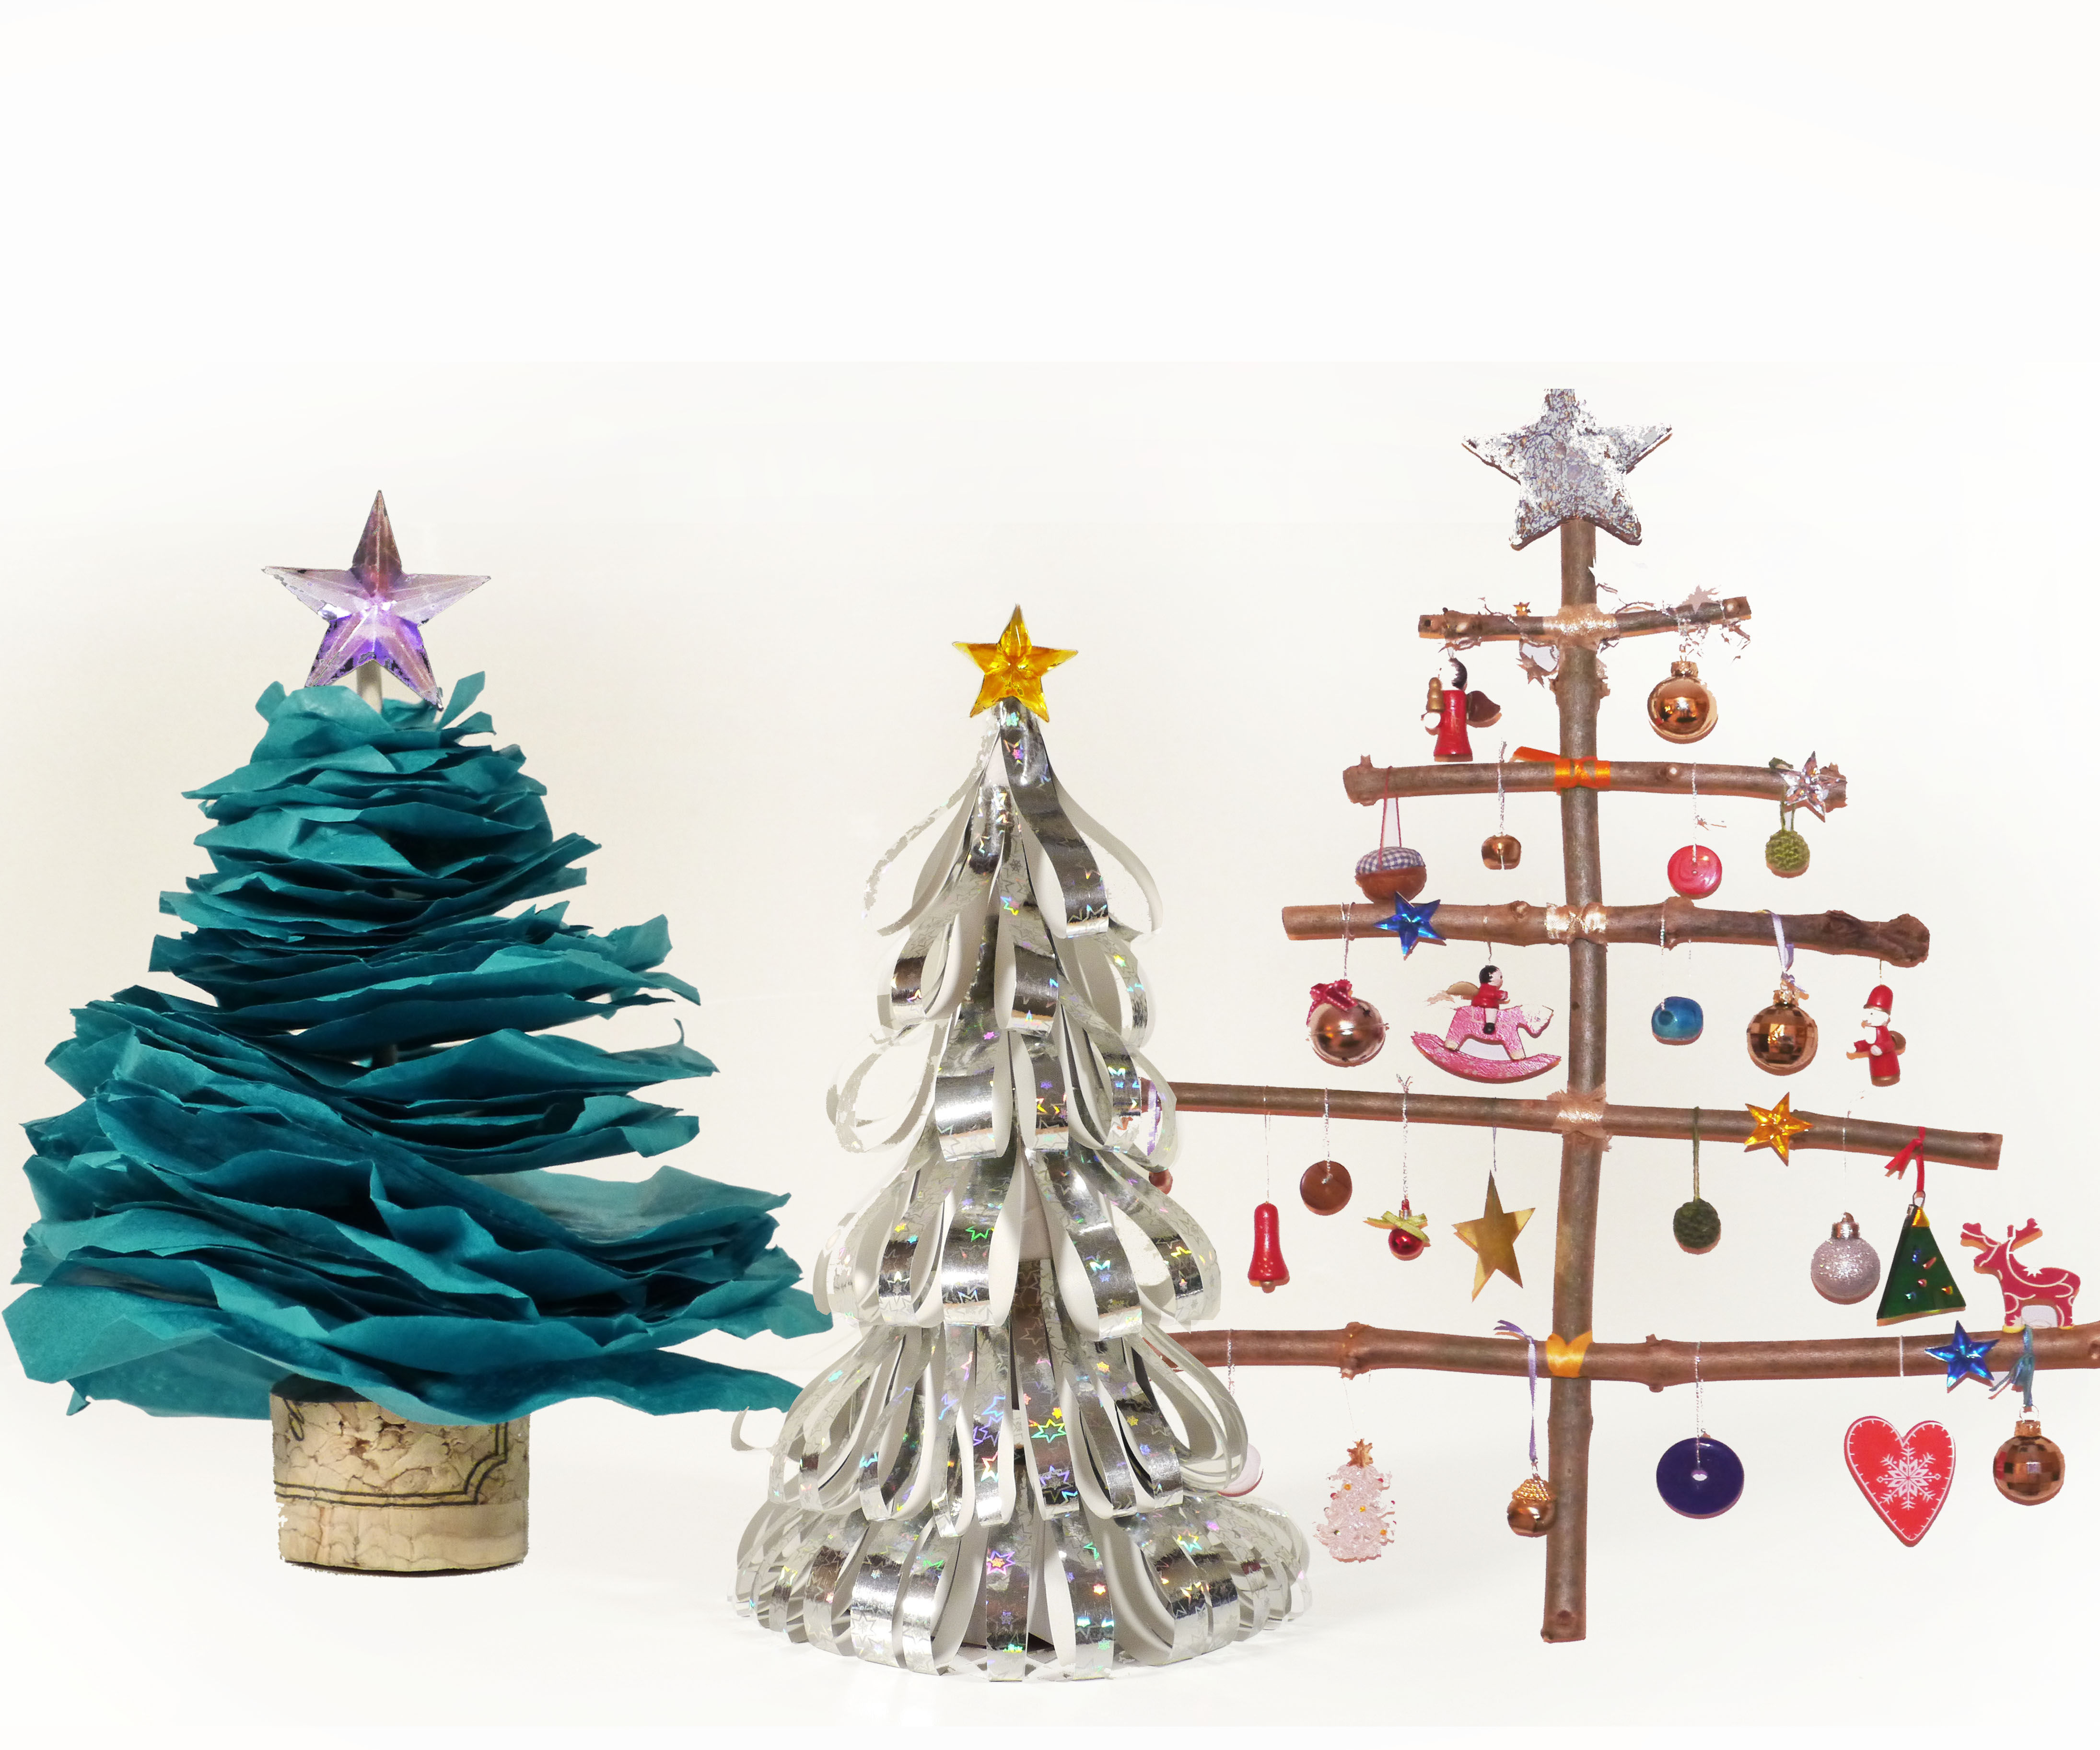 How to Make Christmas Trees